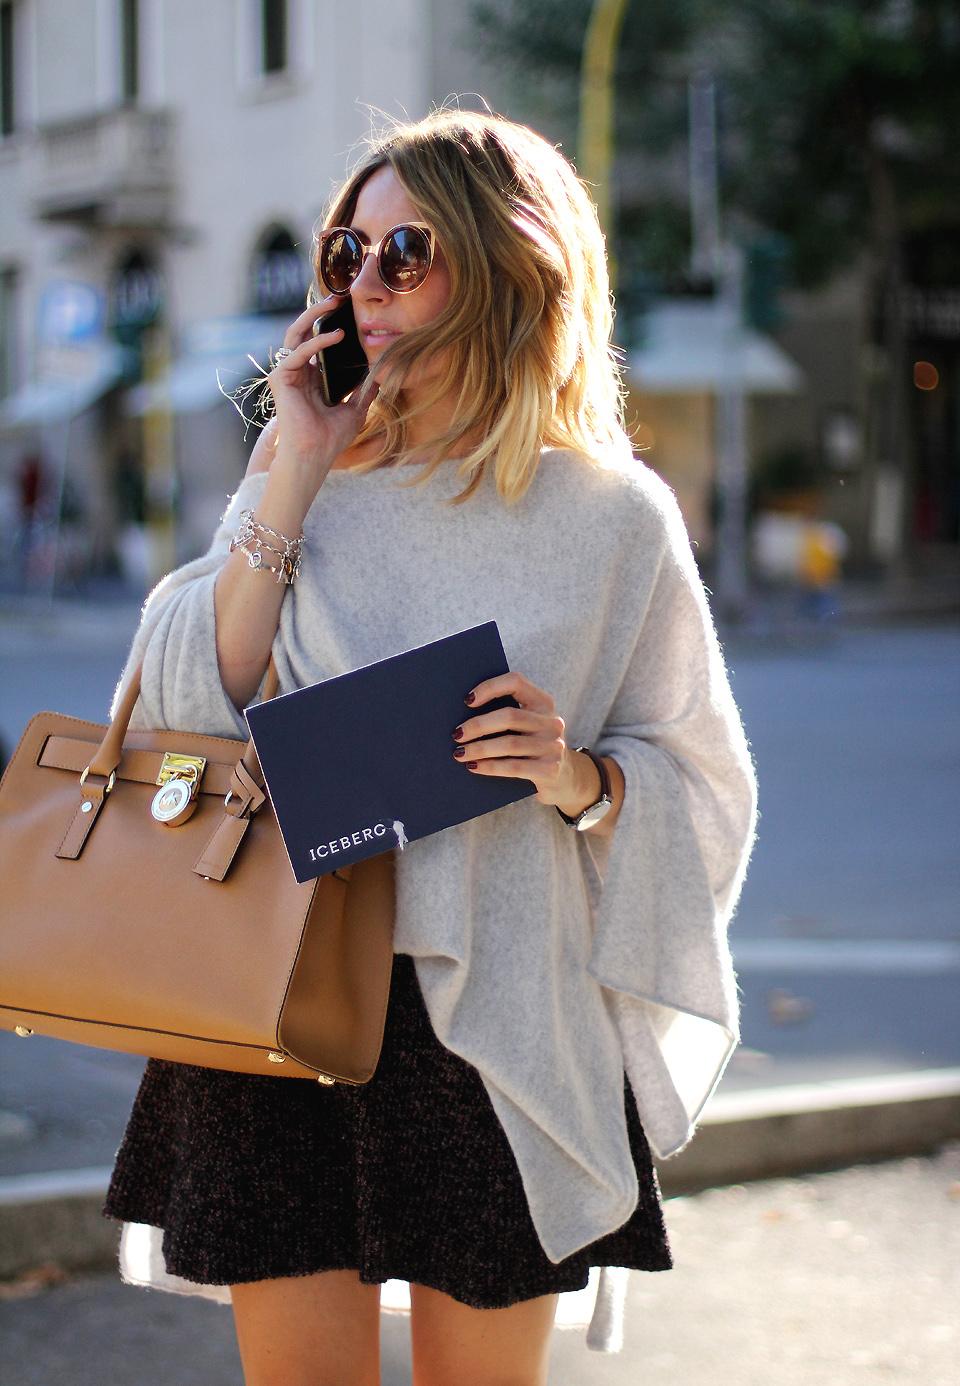 Milan-Fashion-Week-blogger-outfit (9)2